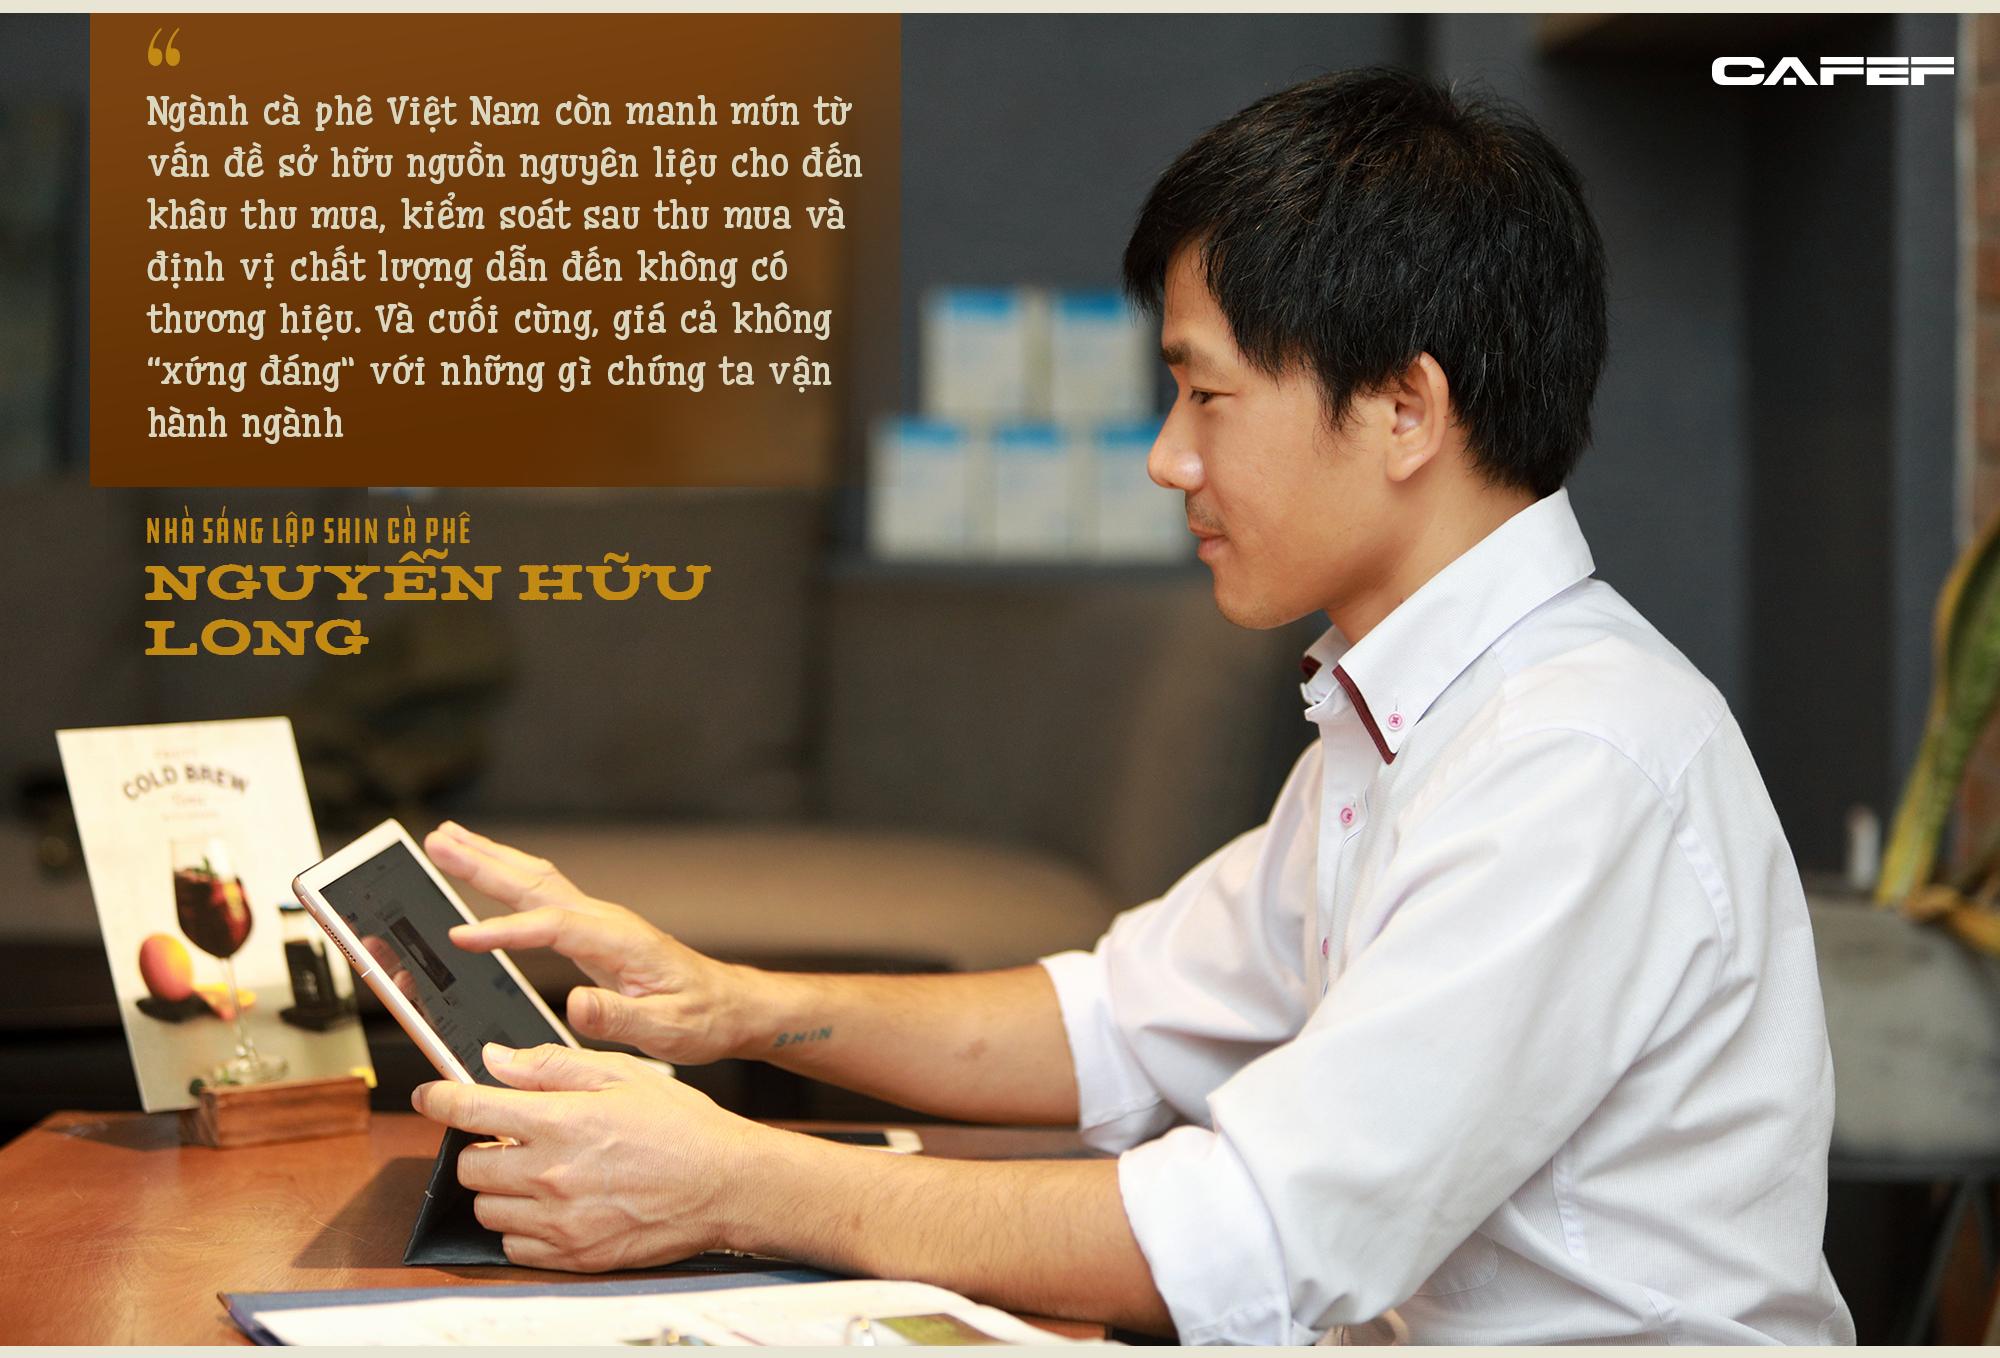 Nhà sáng lập Shin Cà Phê: Đến với cà phê vì quá nghèo, hai lần khởi nghiệp thất bại và hiện bán ra thị trường 500 tấn/năm - Ảnh 8.